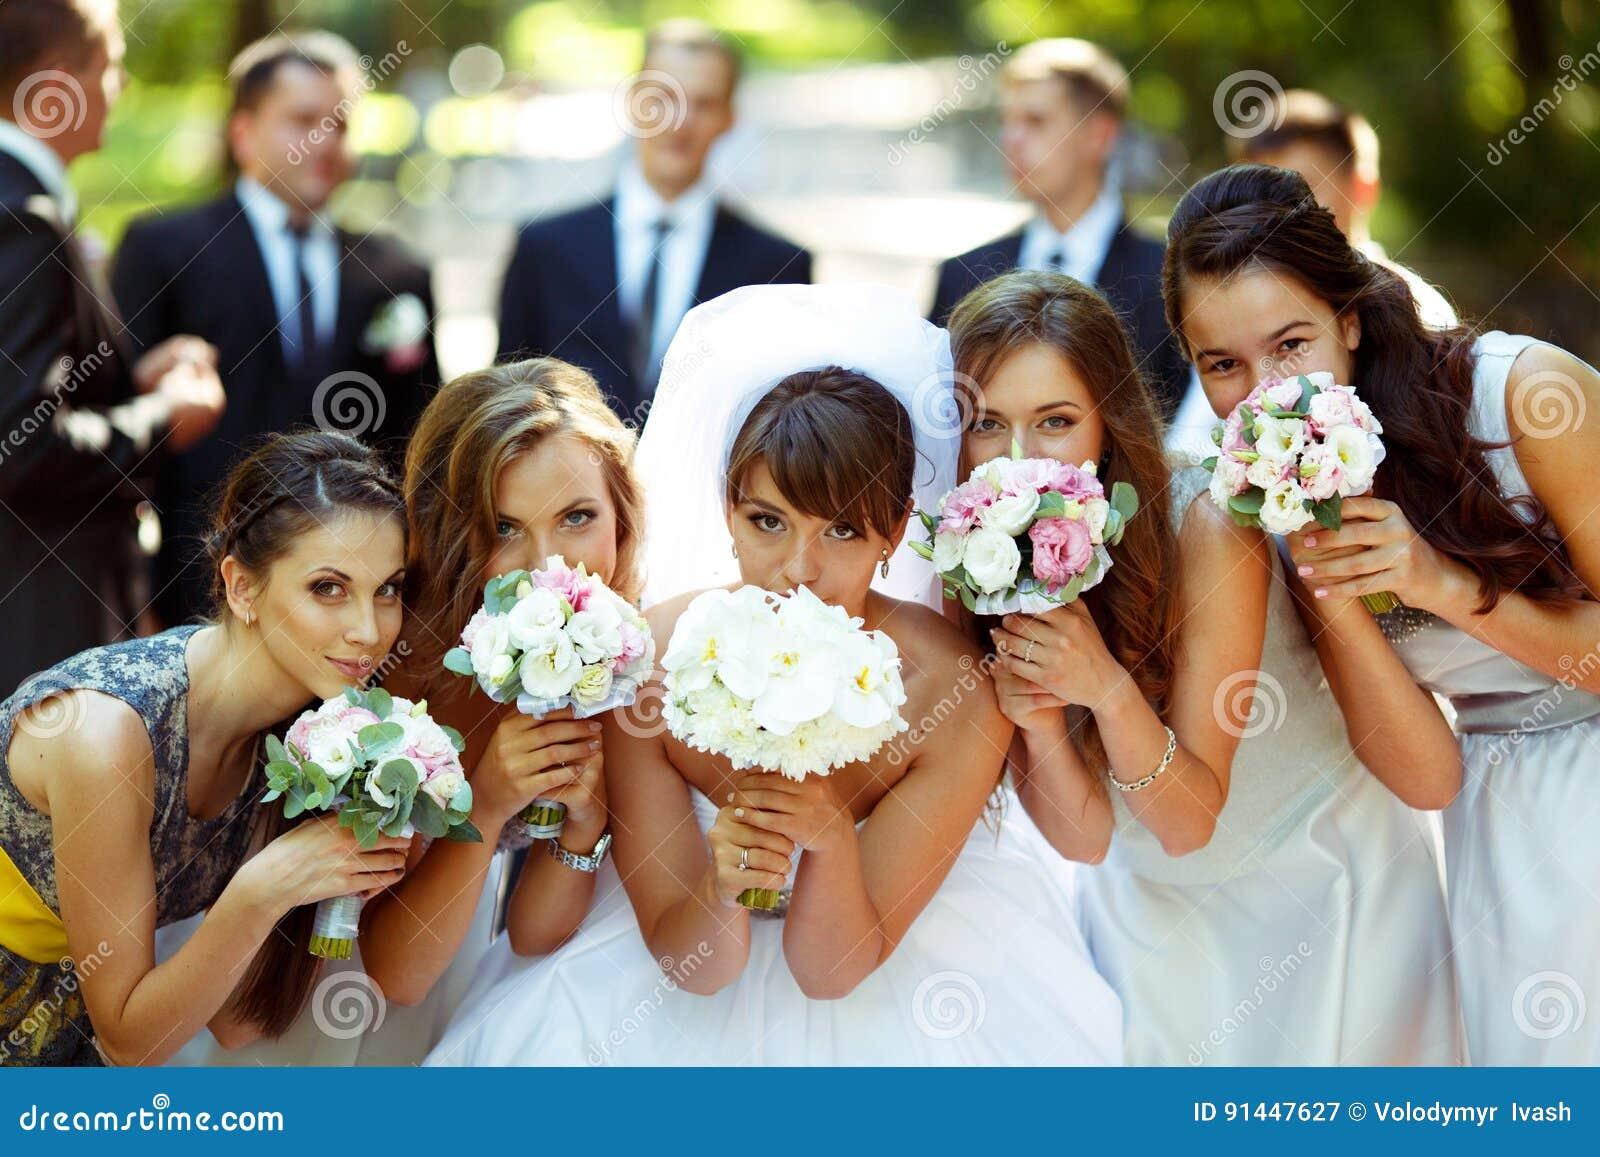 Mädchen und Braut werfen mit Hochzeitsblumensträußen während Bräutigam und Bräutigam auf